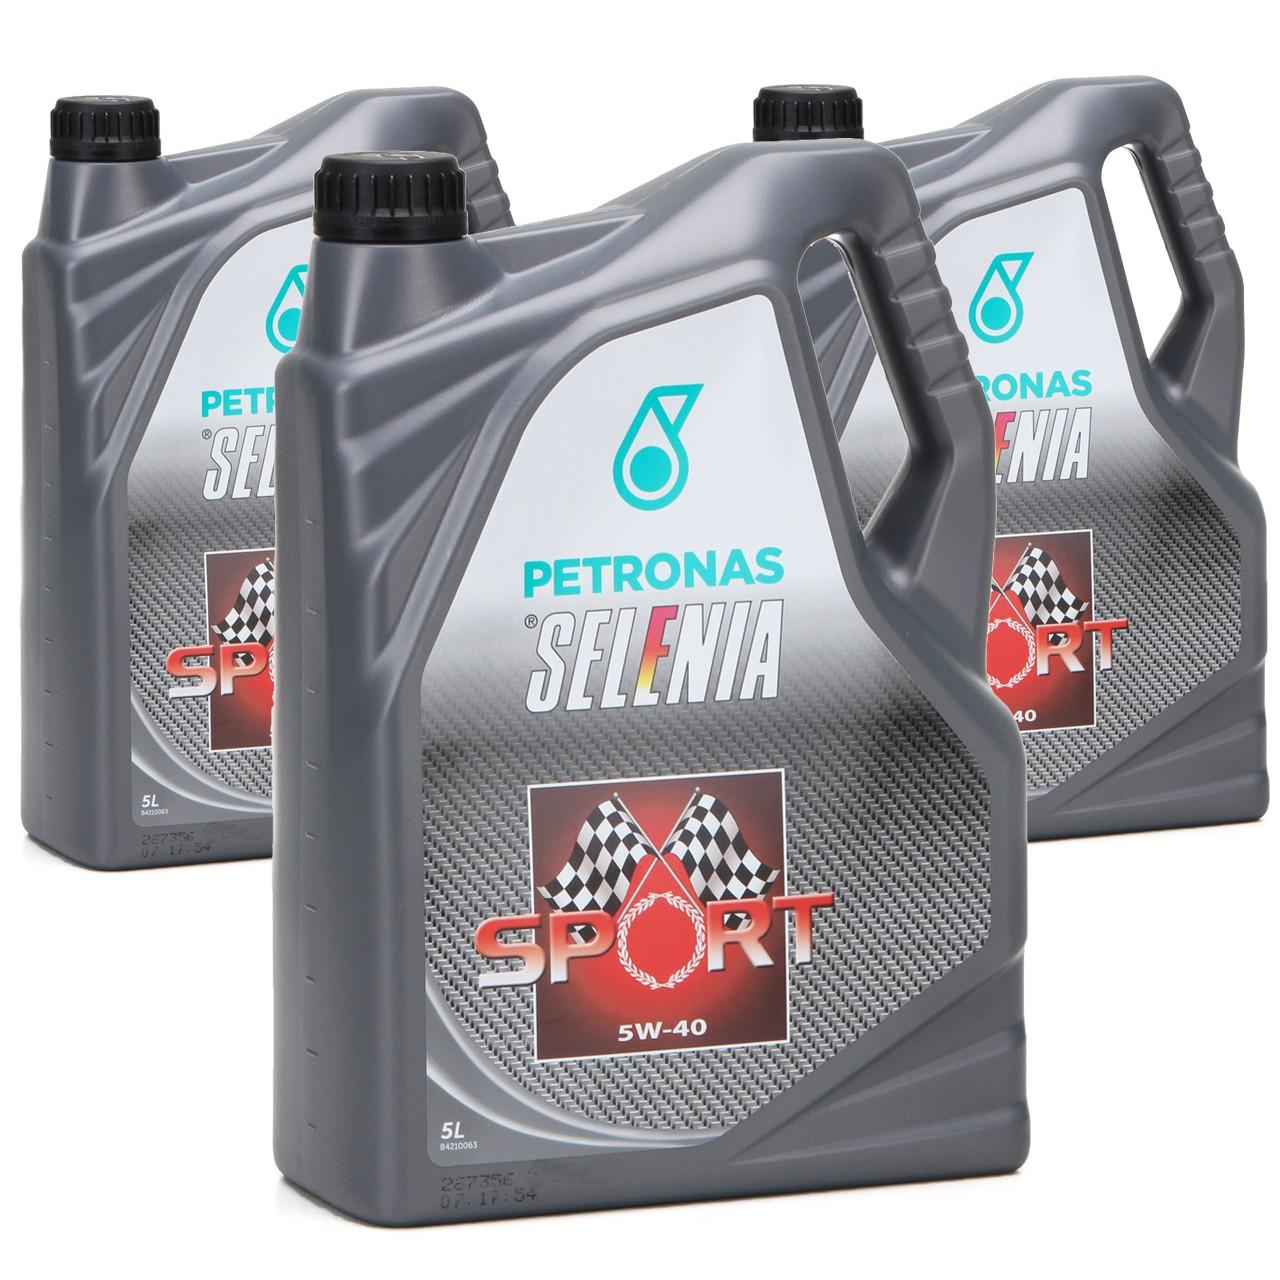 PETRONAS SELENIA Motoröl Öl SPORT 5W40 5W-40 für Fiat 9.55535-Z2 - 15L 15 Liter